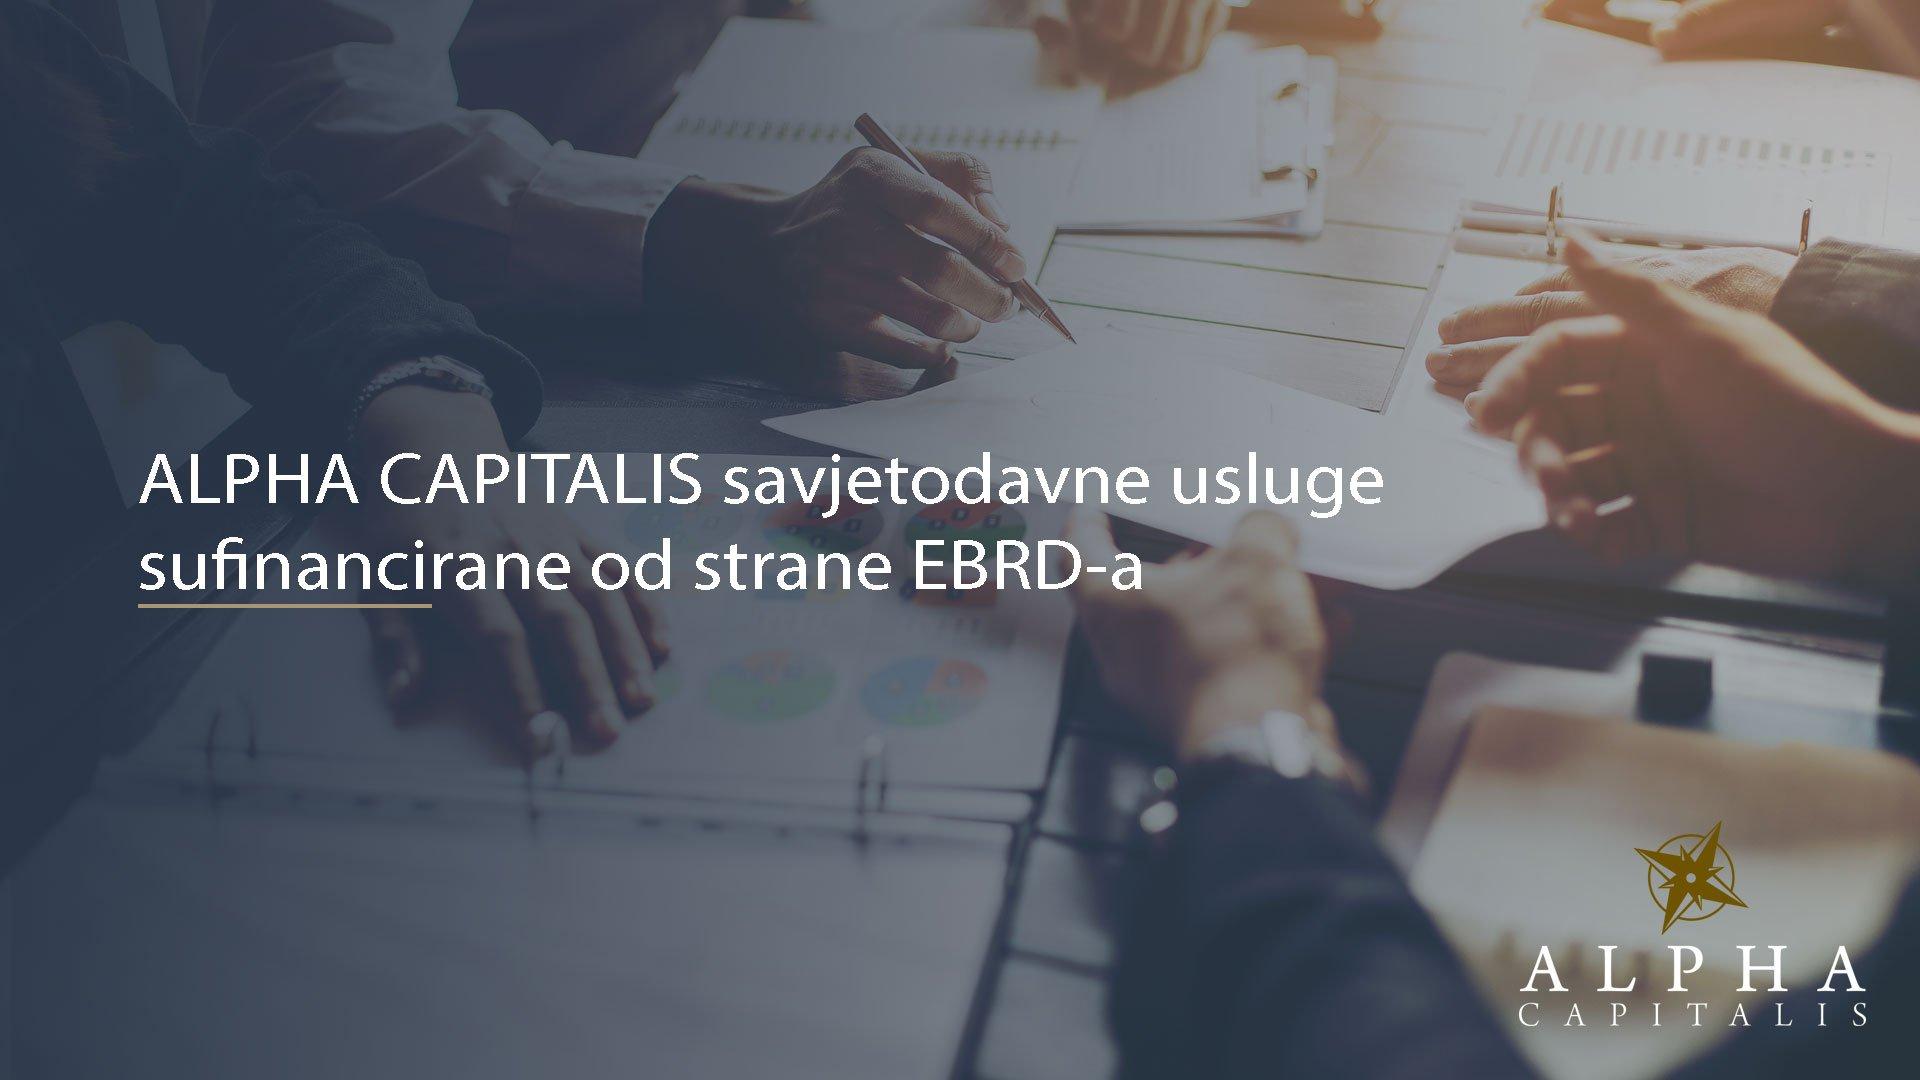 alpha-capitalis-EBRD